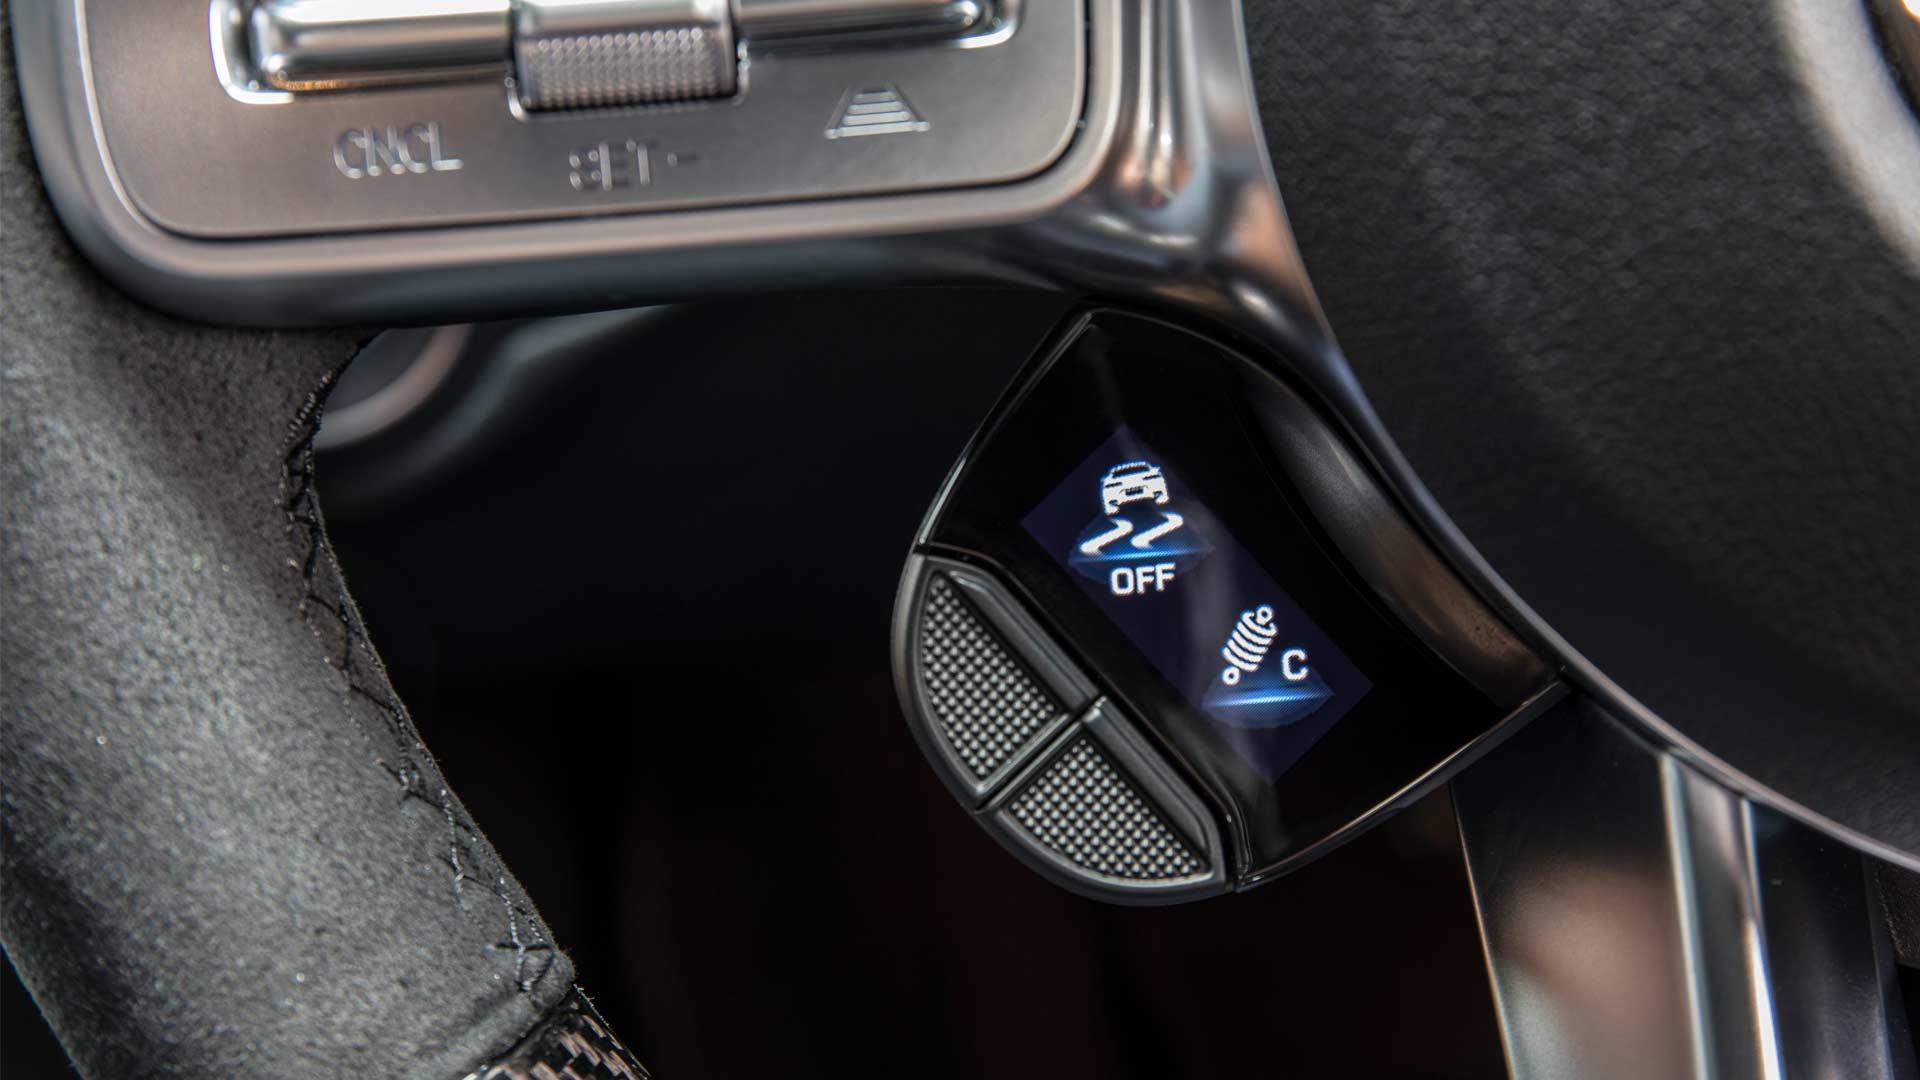 2019-Mercedes-AMG-C-63-S-steering-wheel